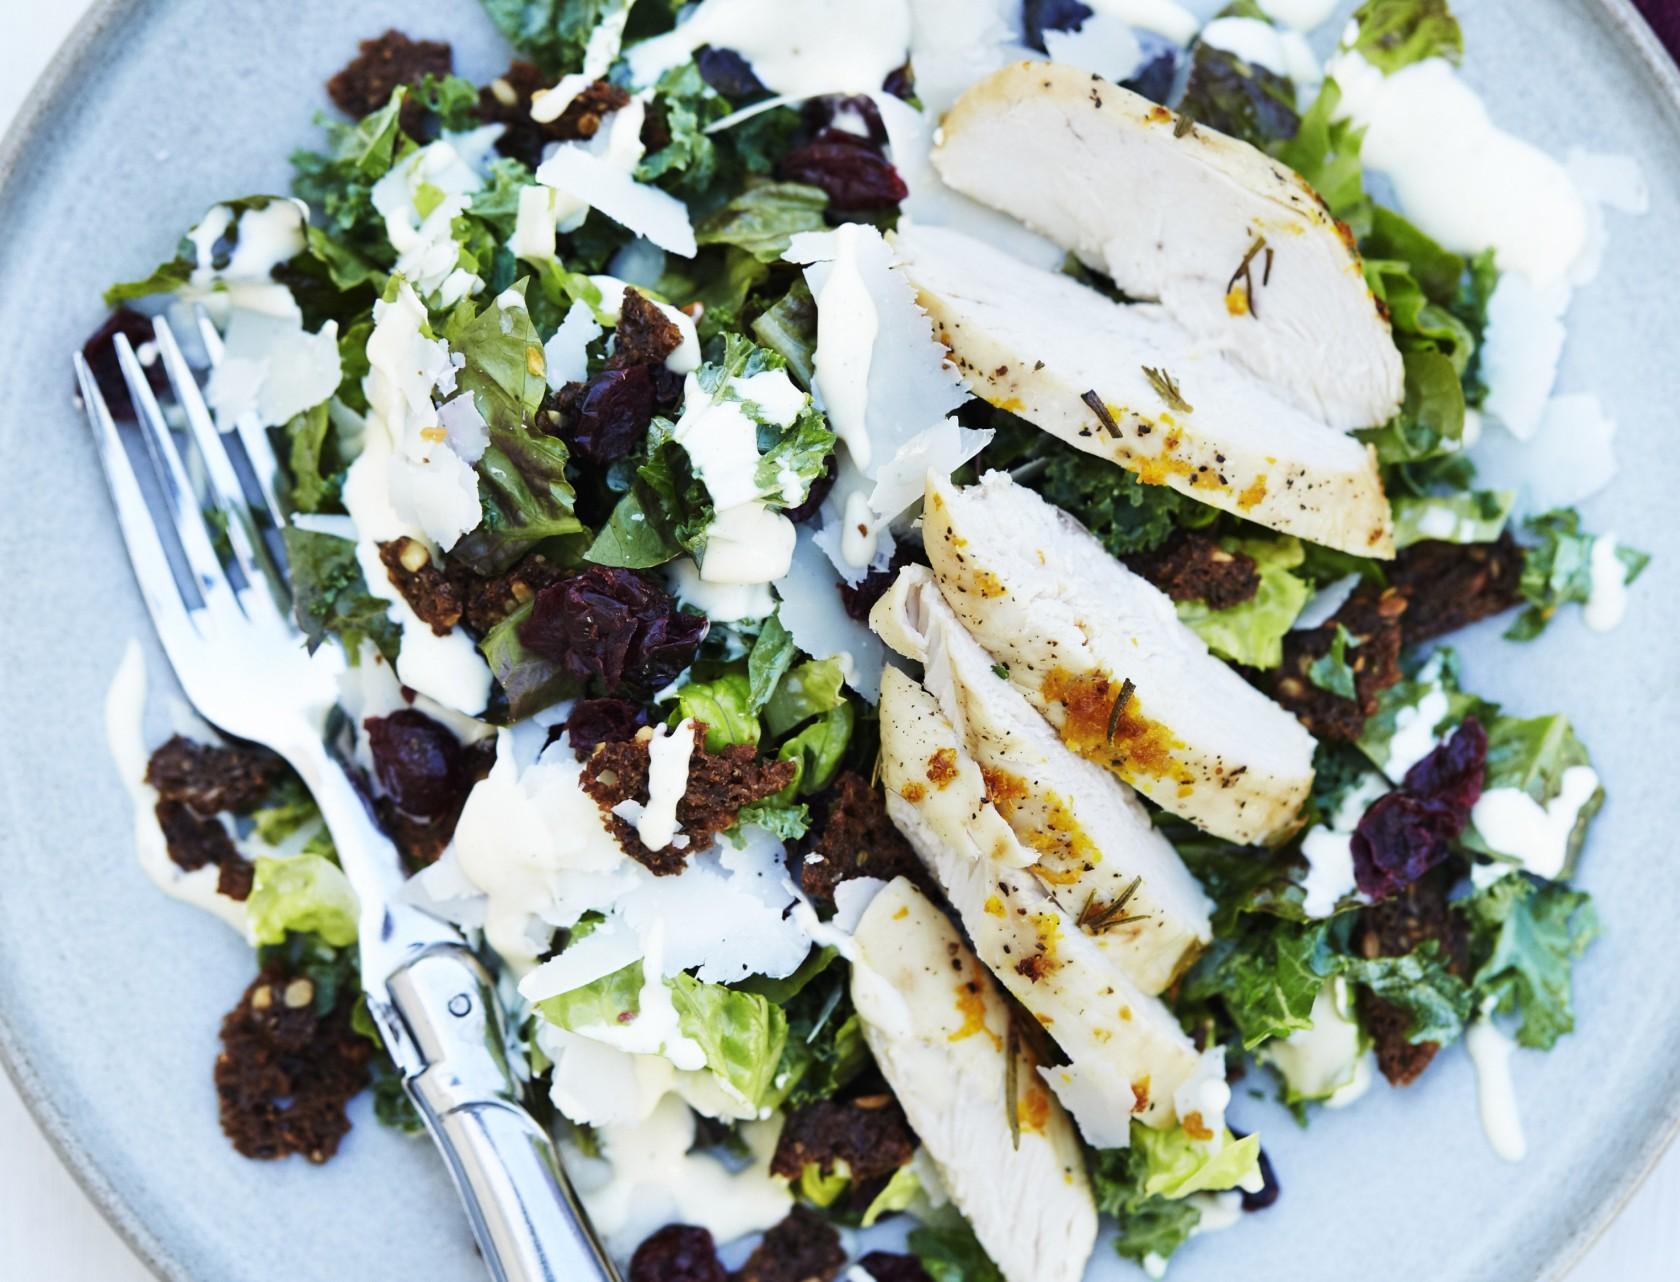 Cæsarsalat med krydderstegt kylling og grønkål  - virkelig lækker opskrift.